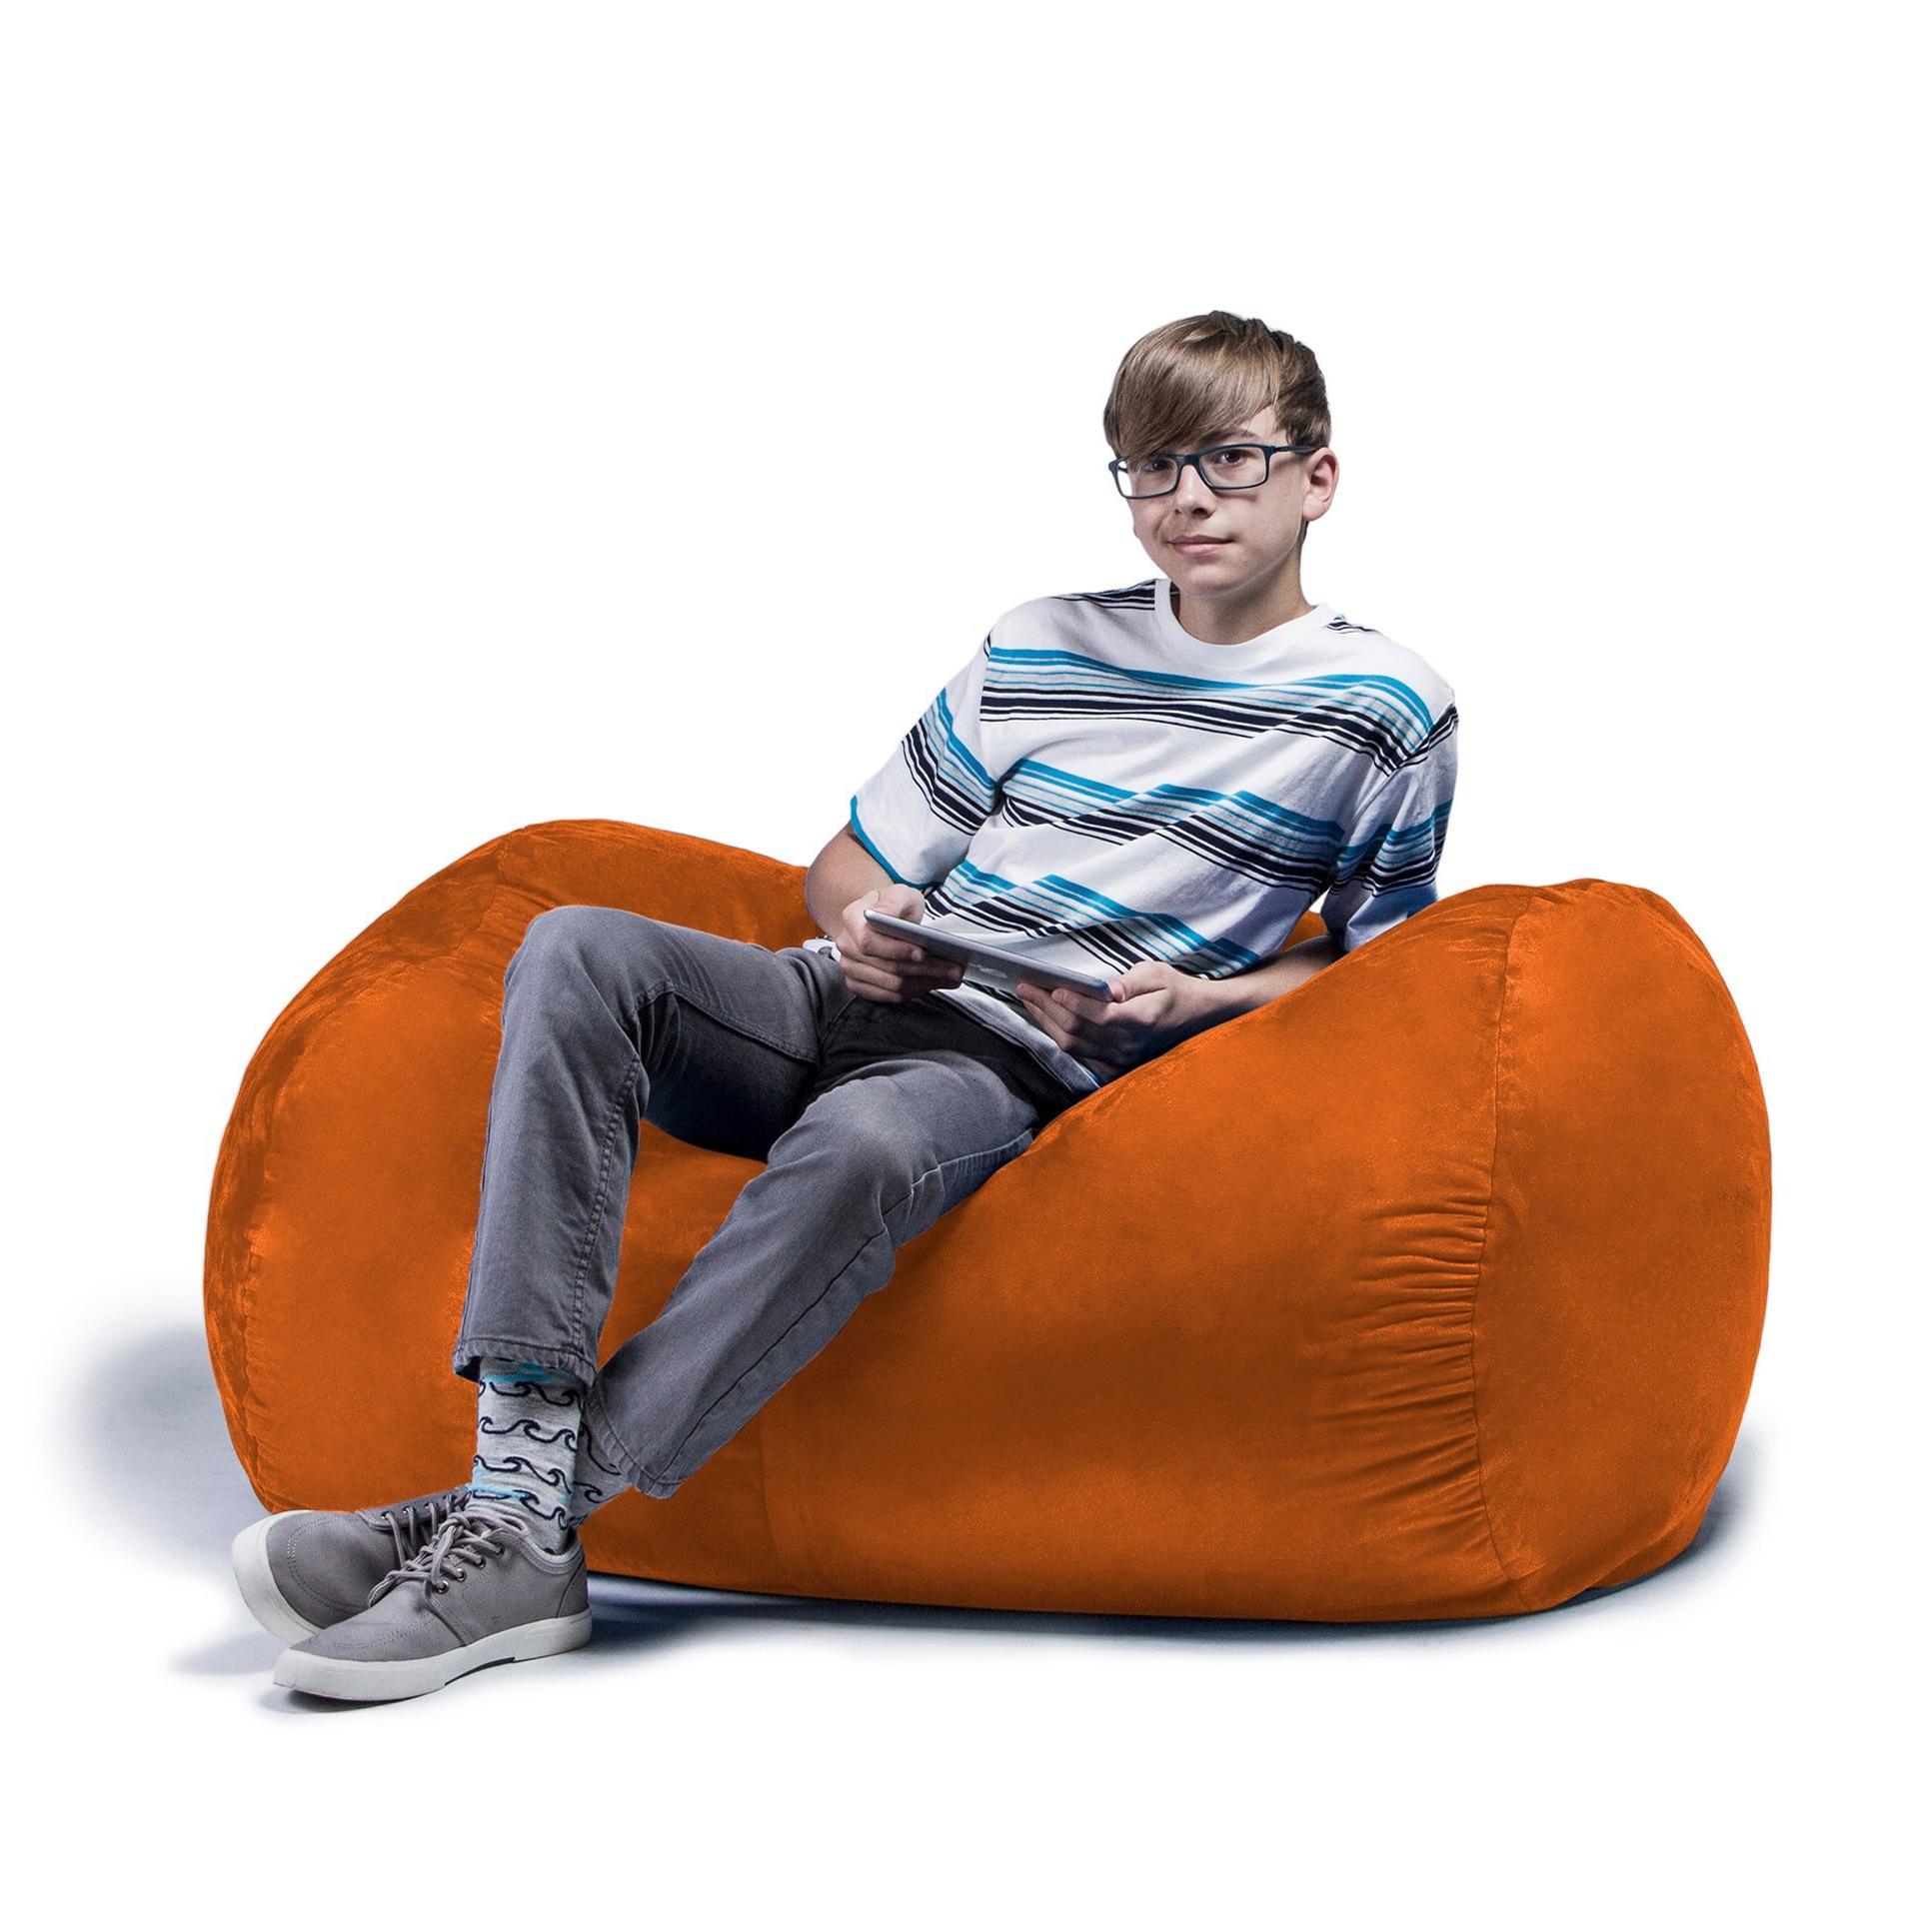 Jaxx 4 Lounger Bean Bag Chair